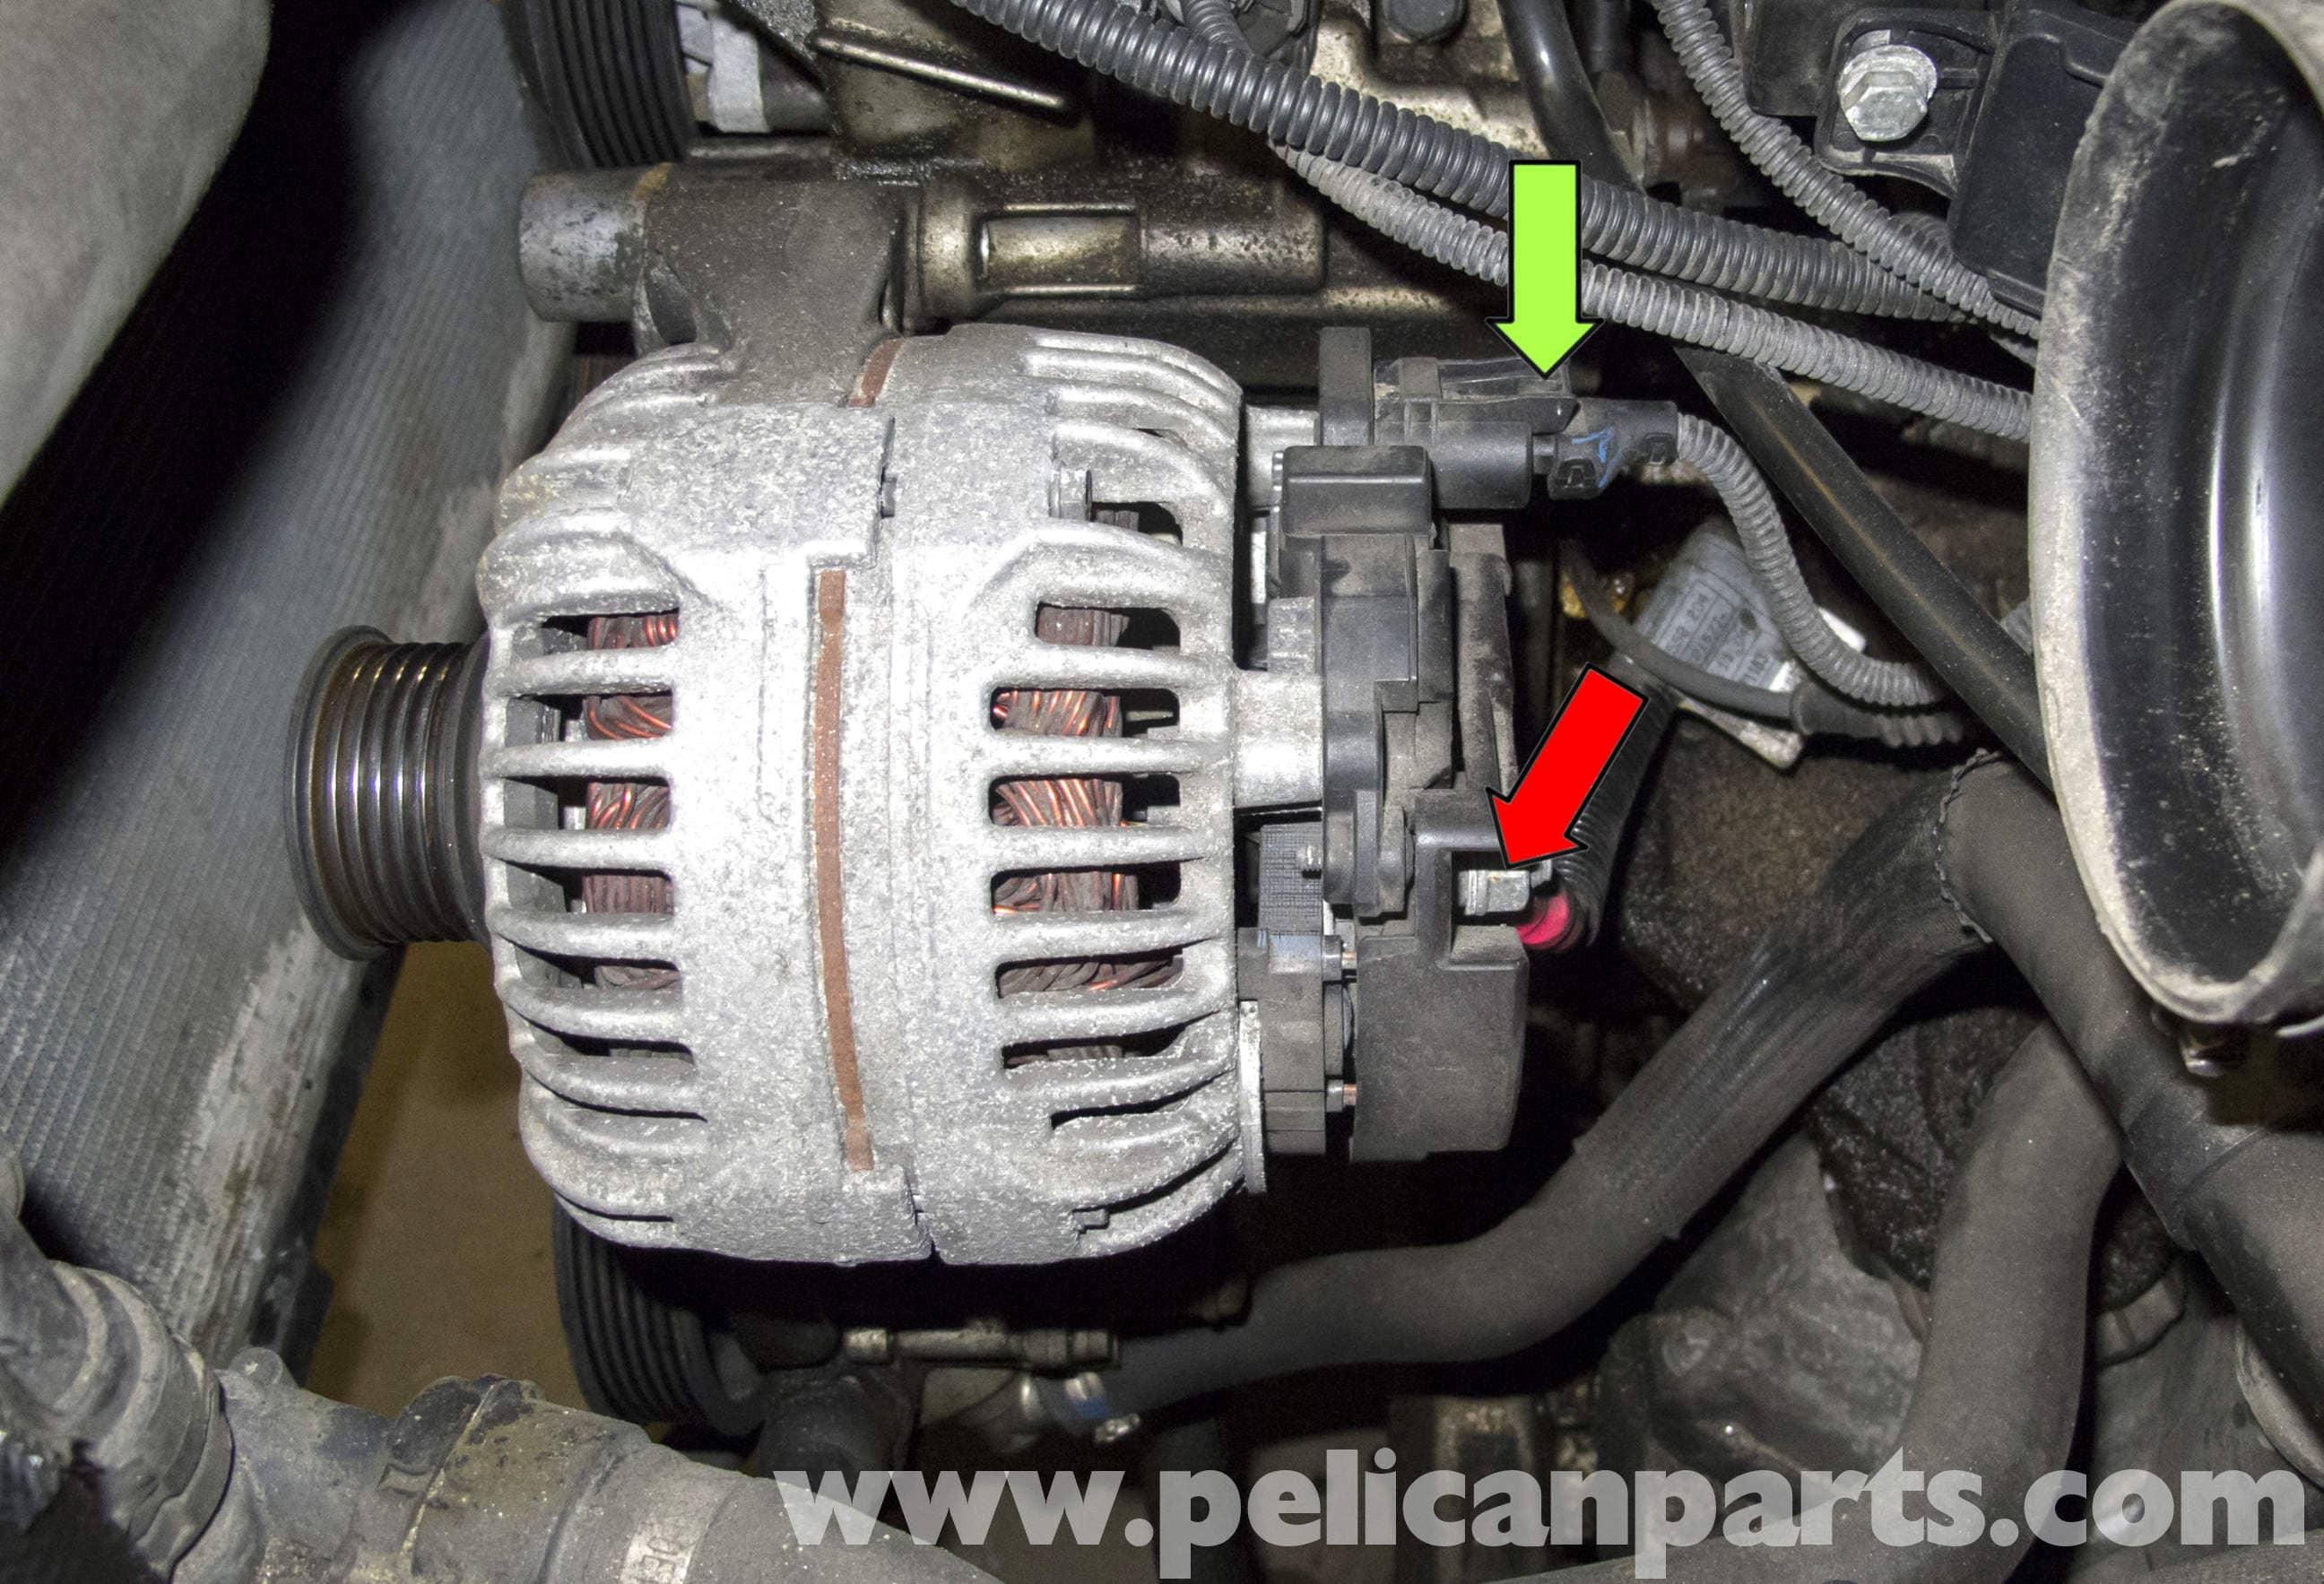 bmw 5 series alternator wiring